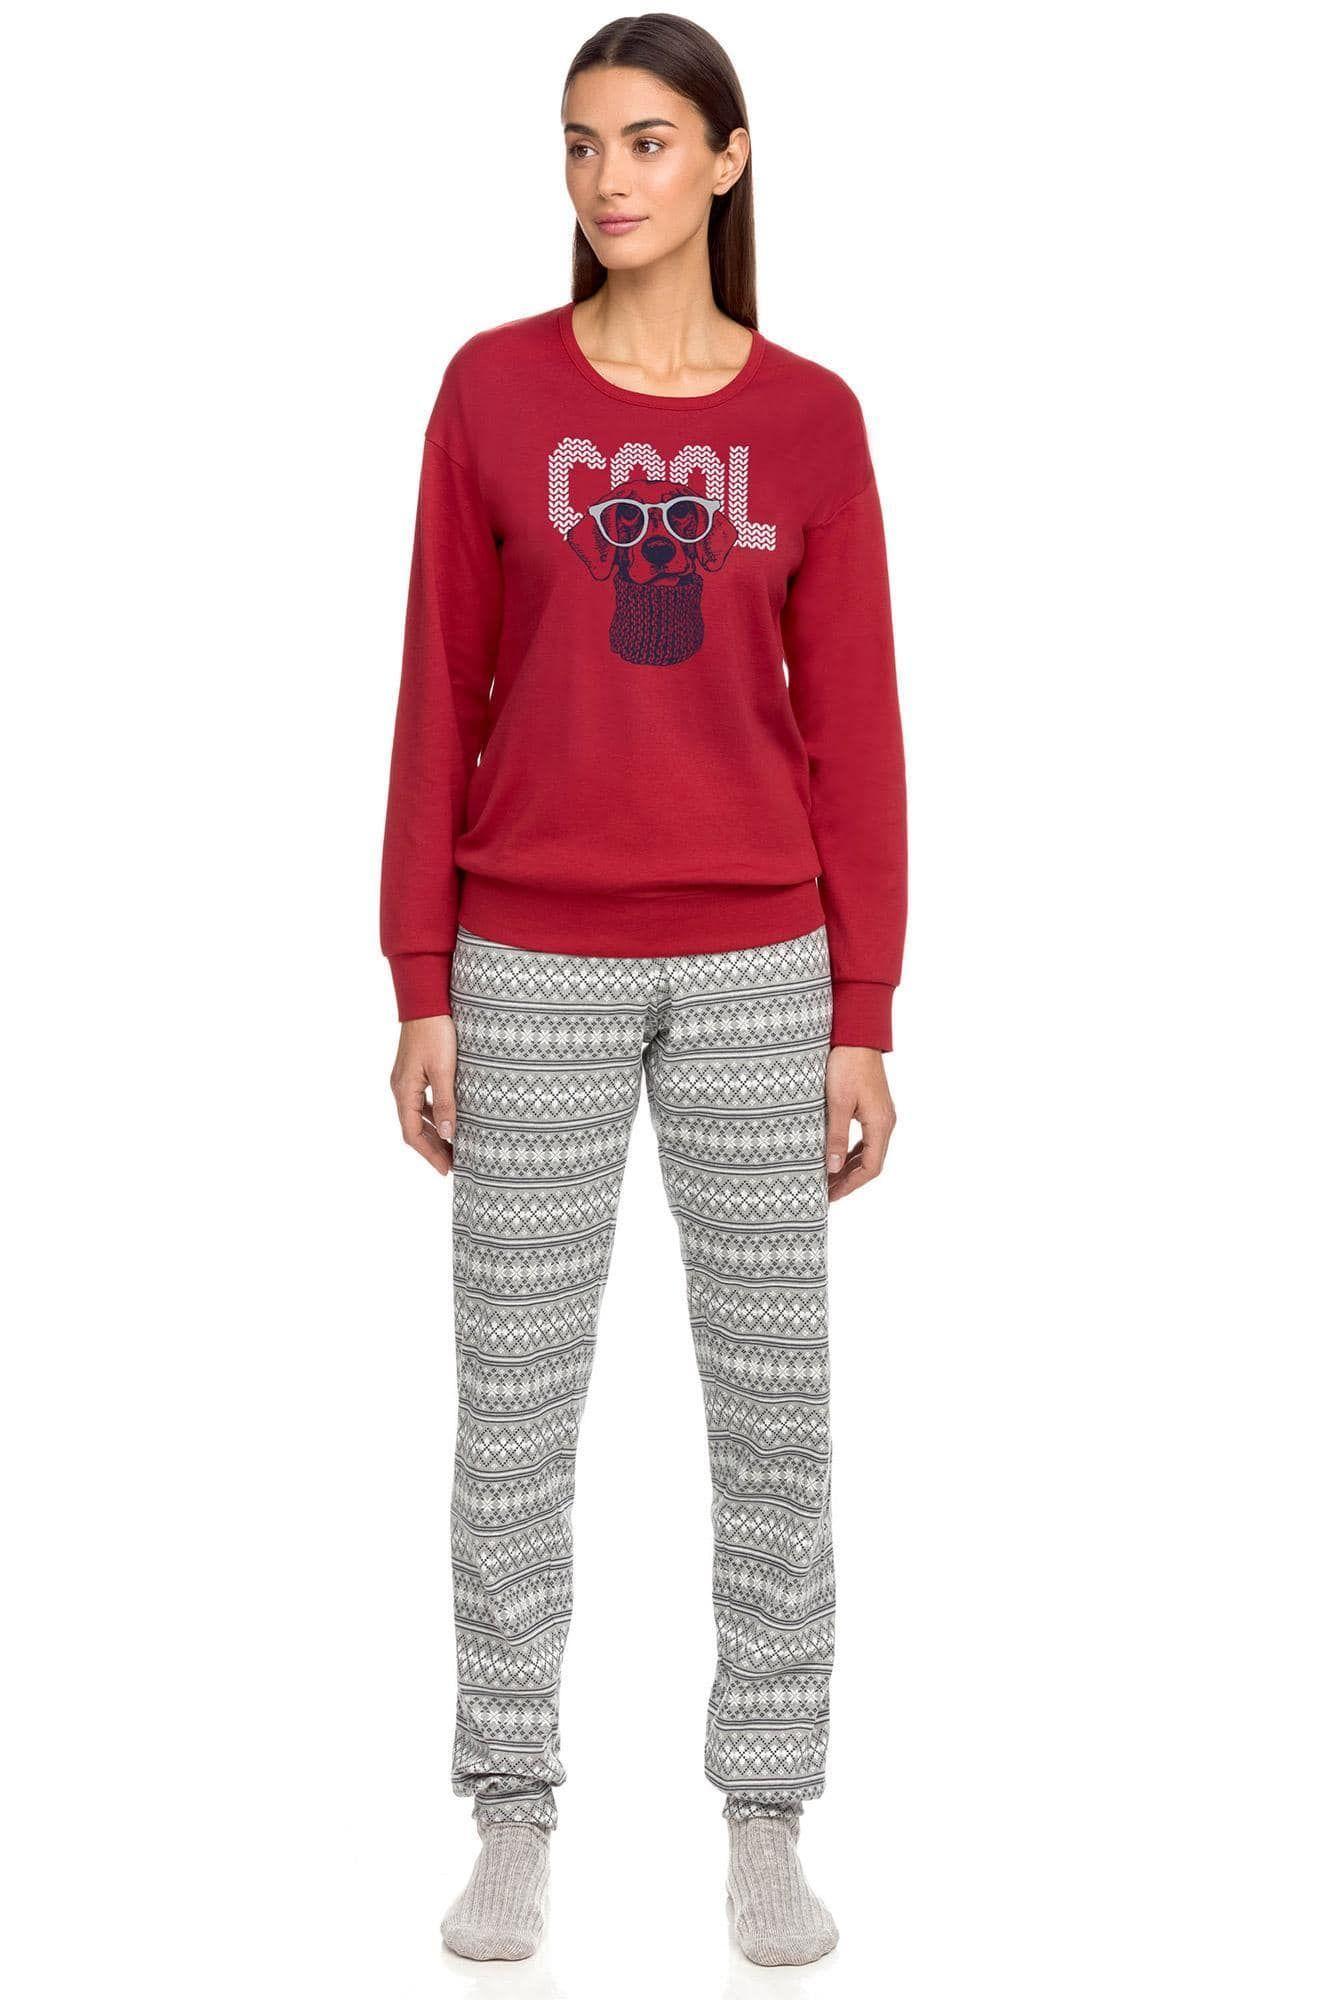 Women's Pyjamas with artwork